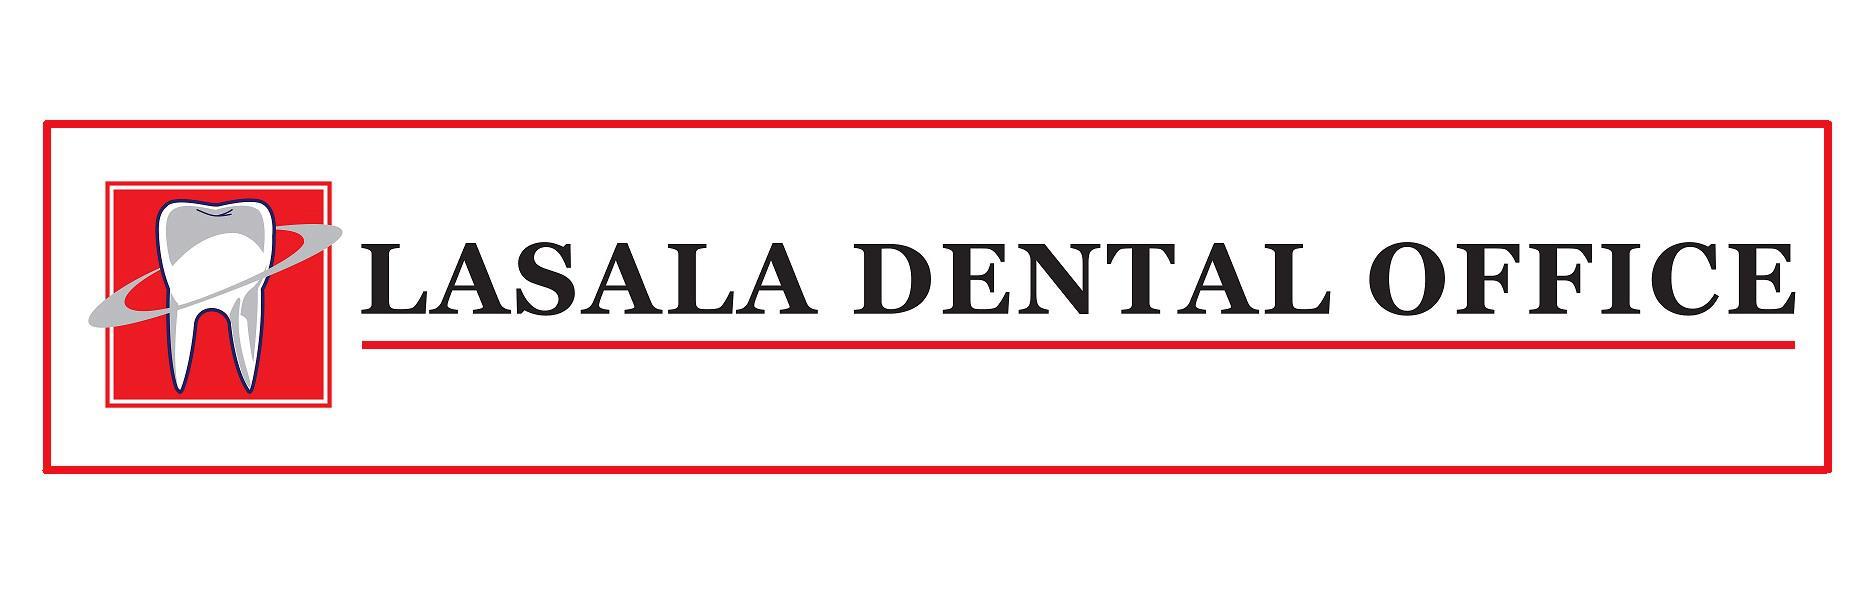 Lasala Dental Office